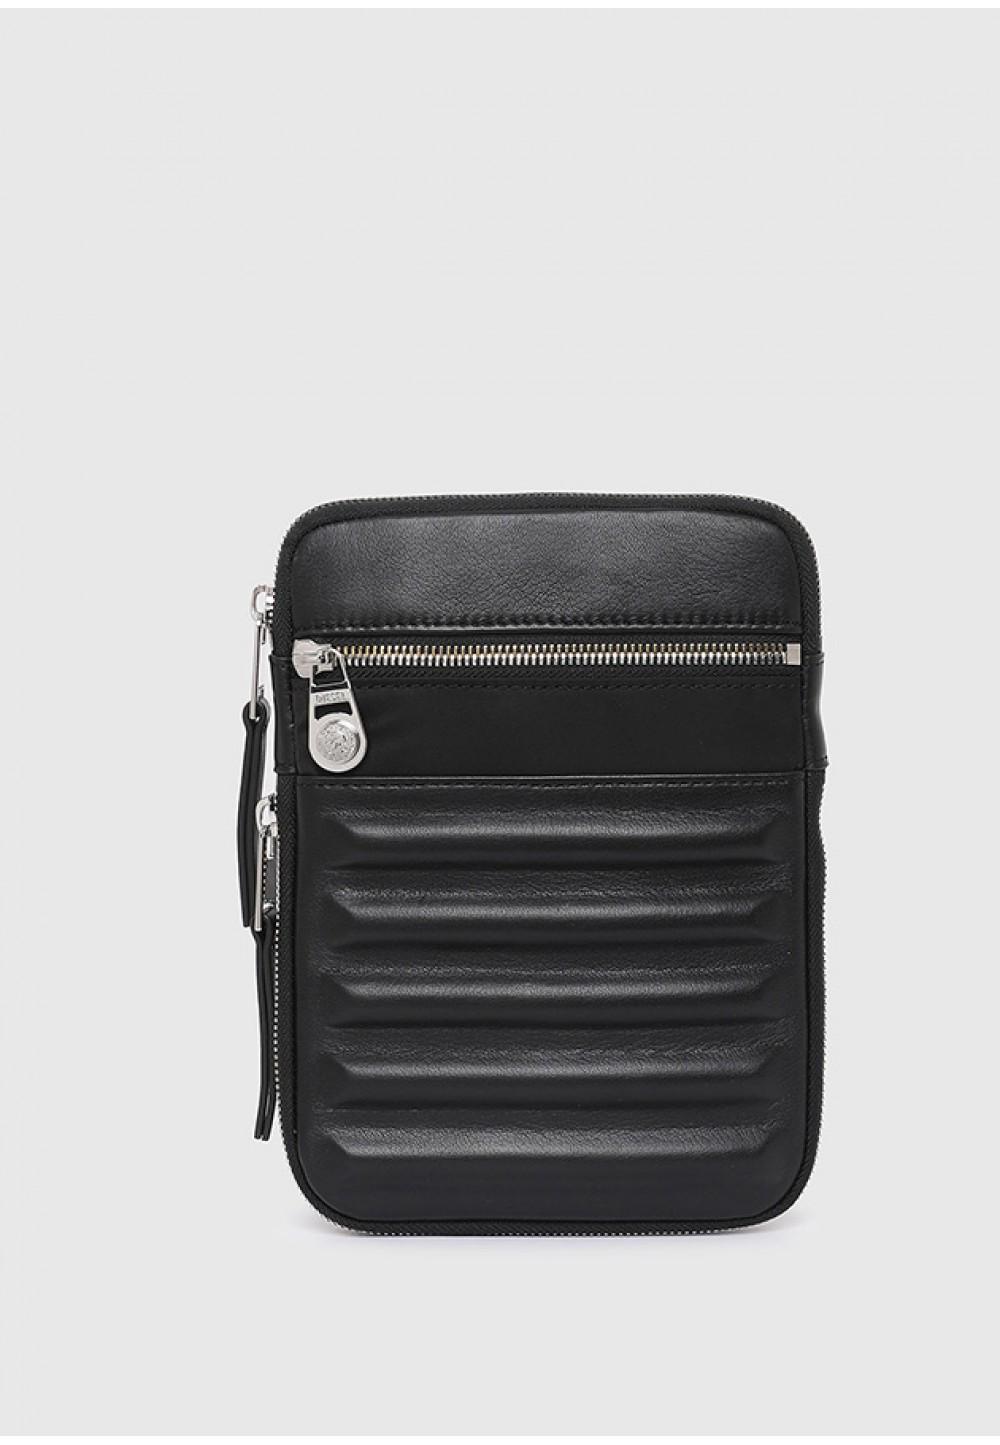 Прямоугольная сумка через плечо